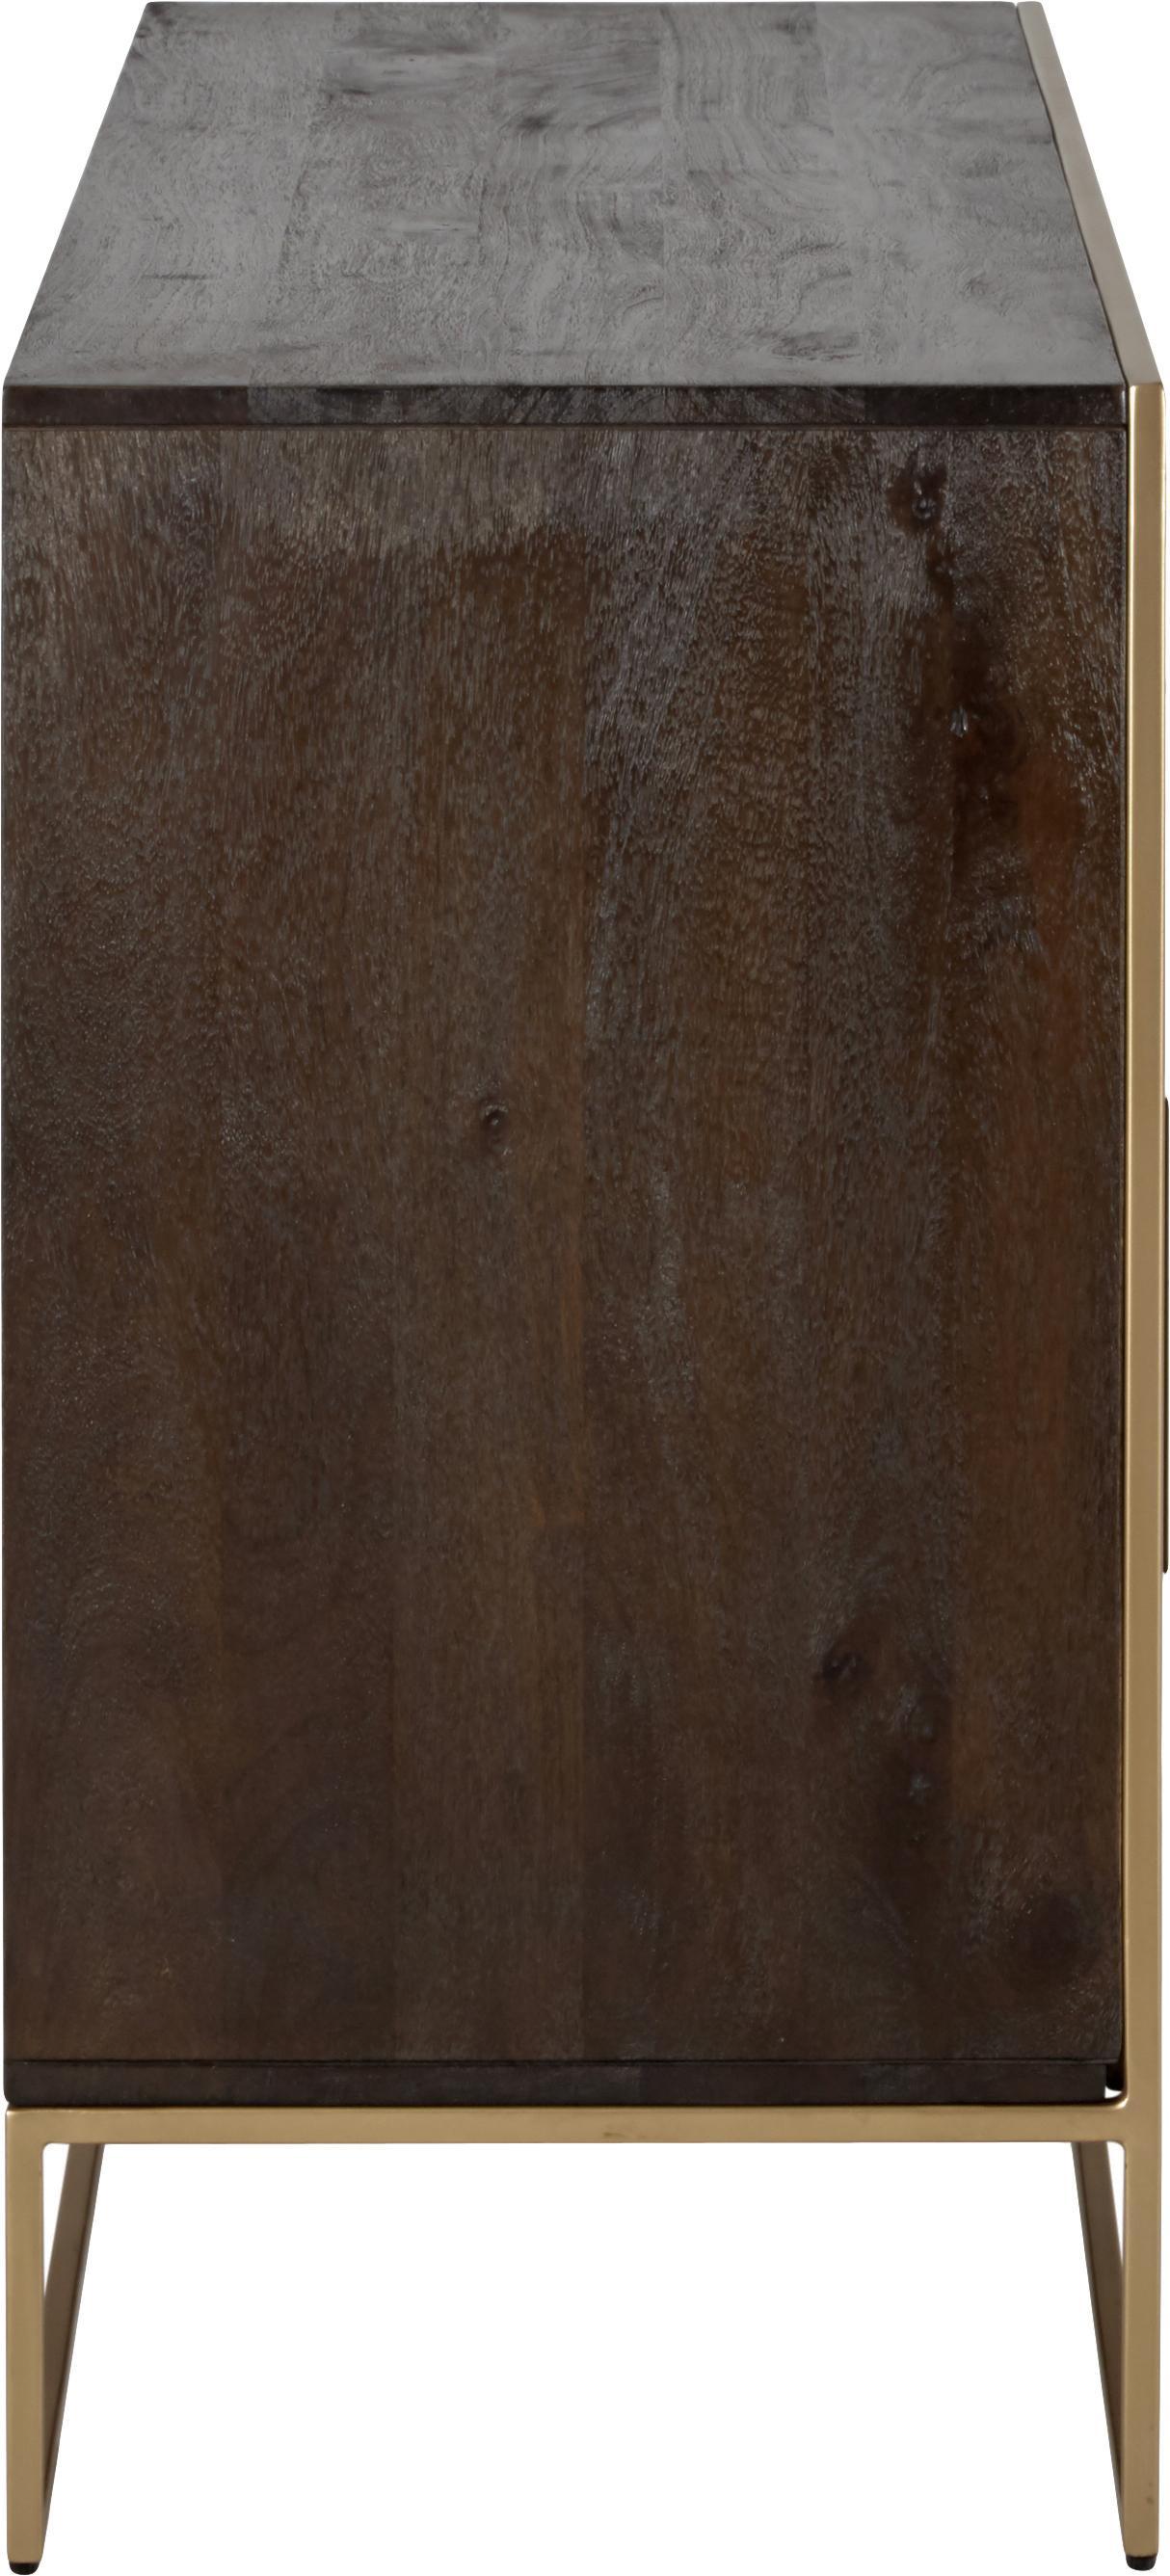 Enfilade en bois massif Harry, Bois de manguier, couleur dorée